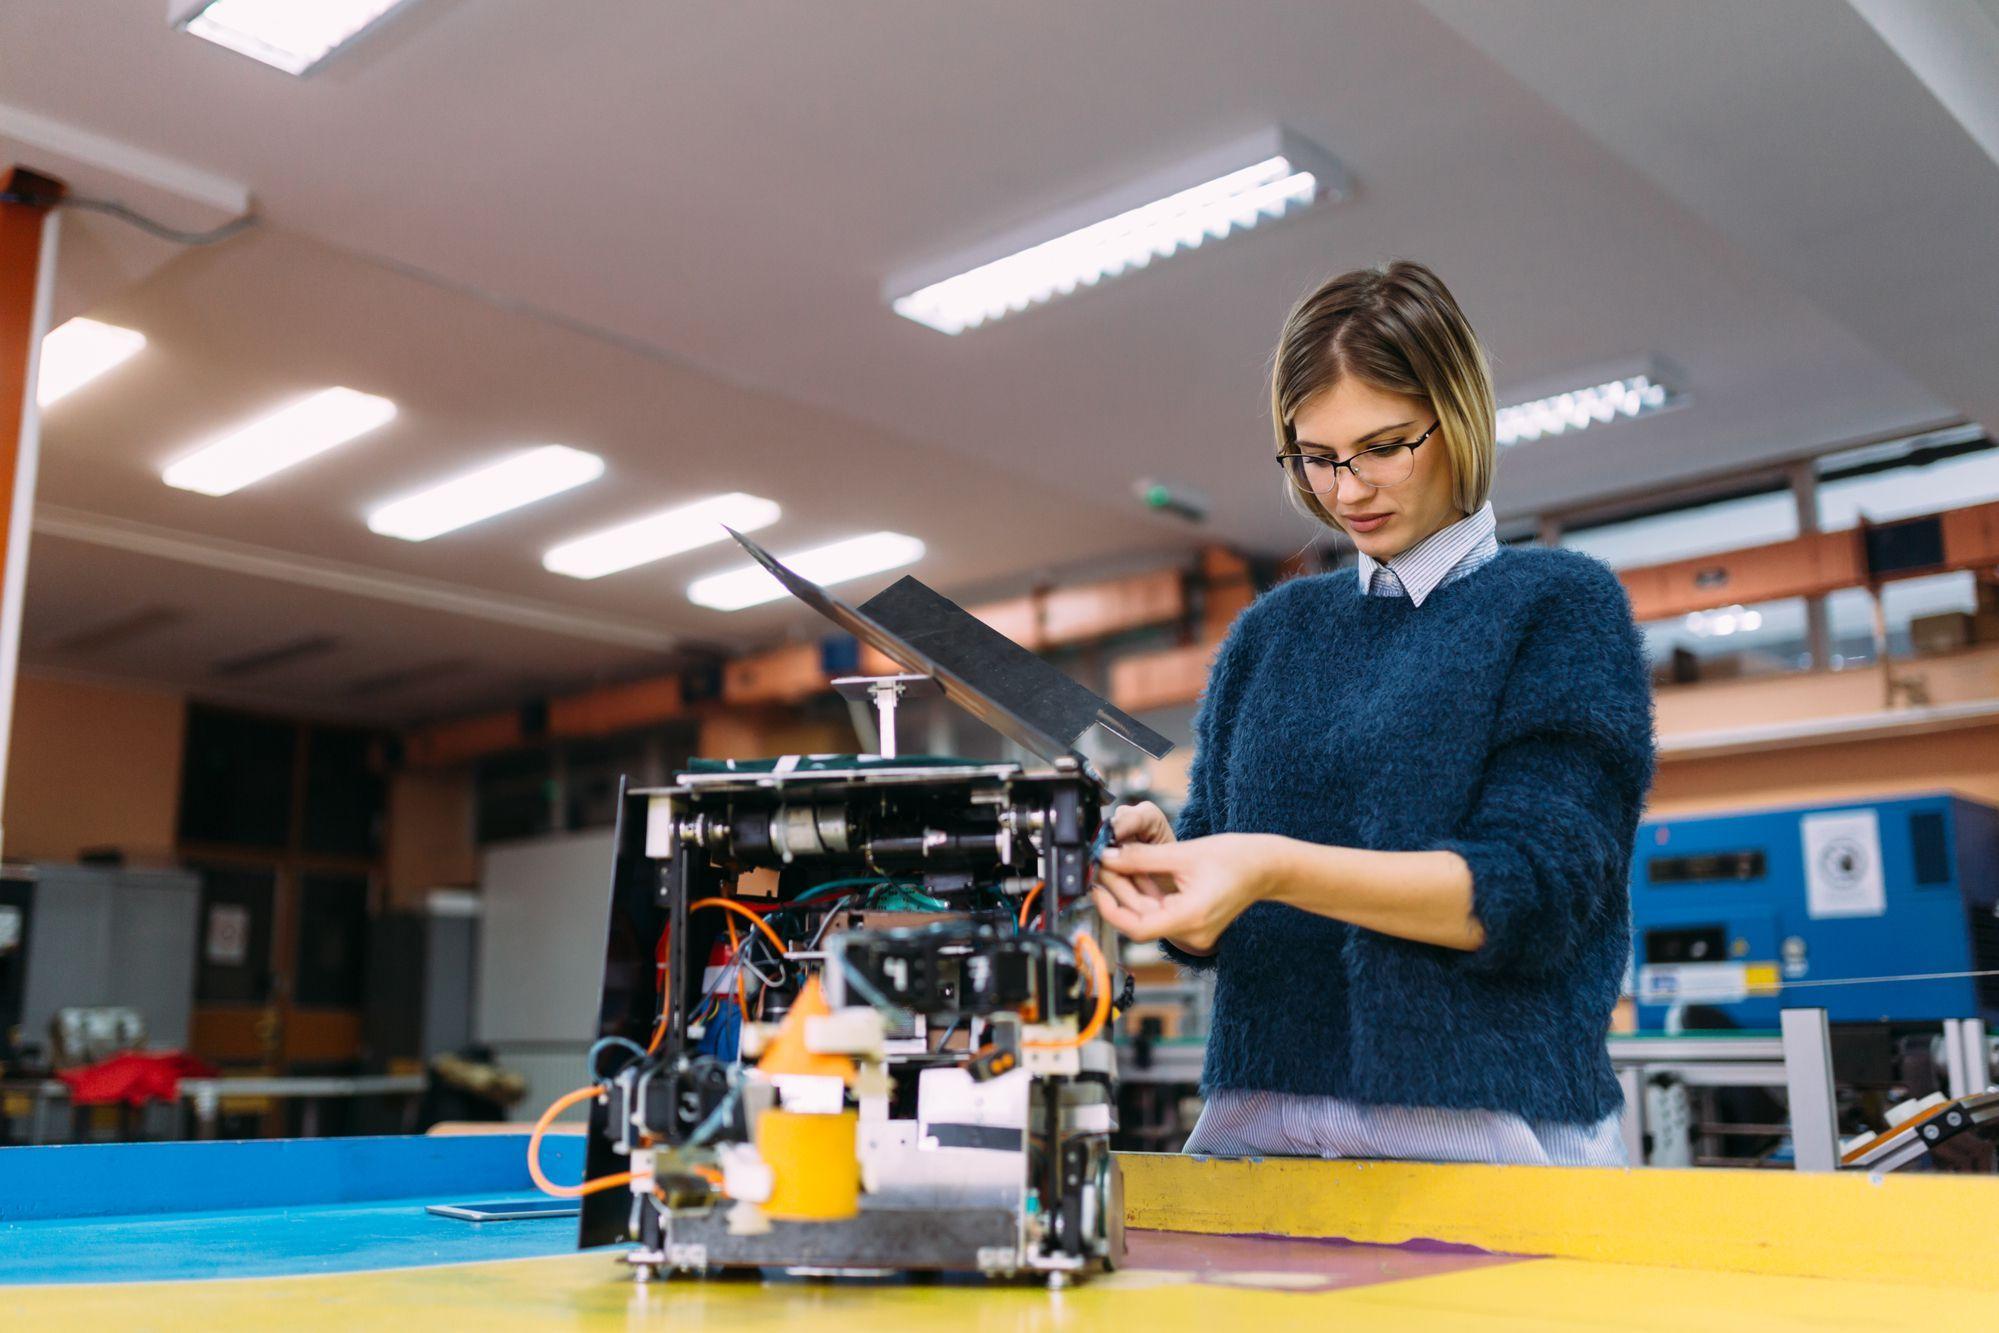 6 cosas que no sabías de la robótica - Featured Image